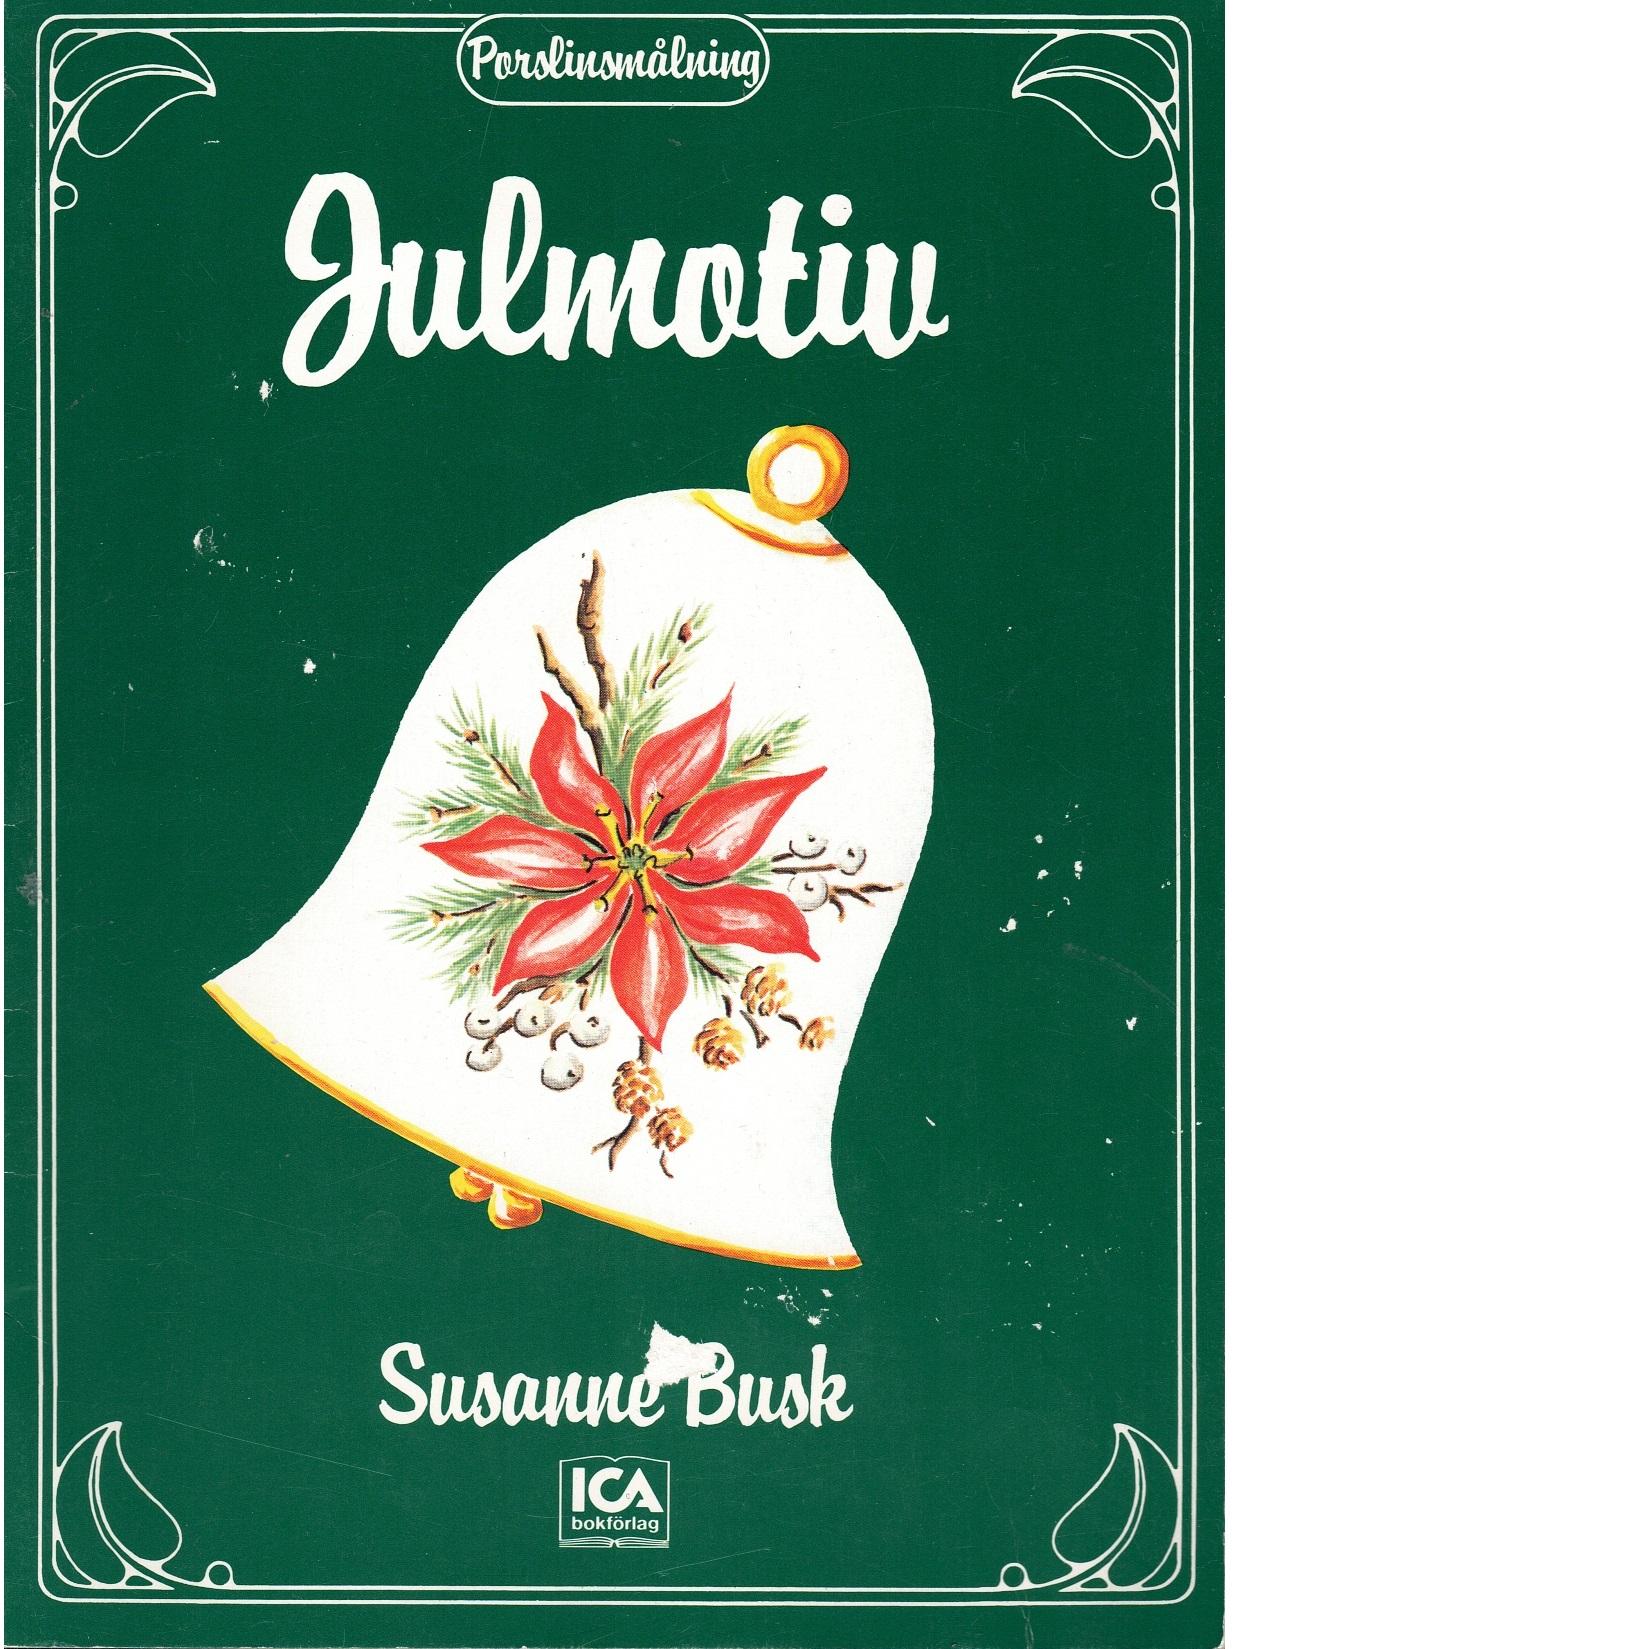 Porslinsmålning Julmotiv - Busk, Susanne